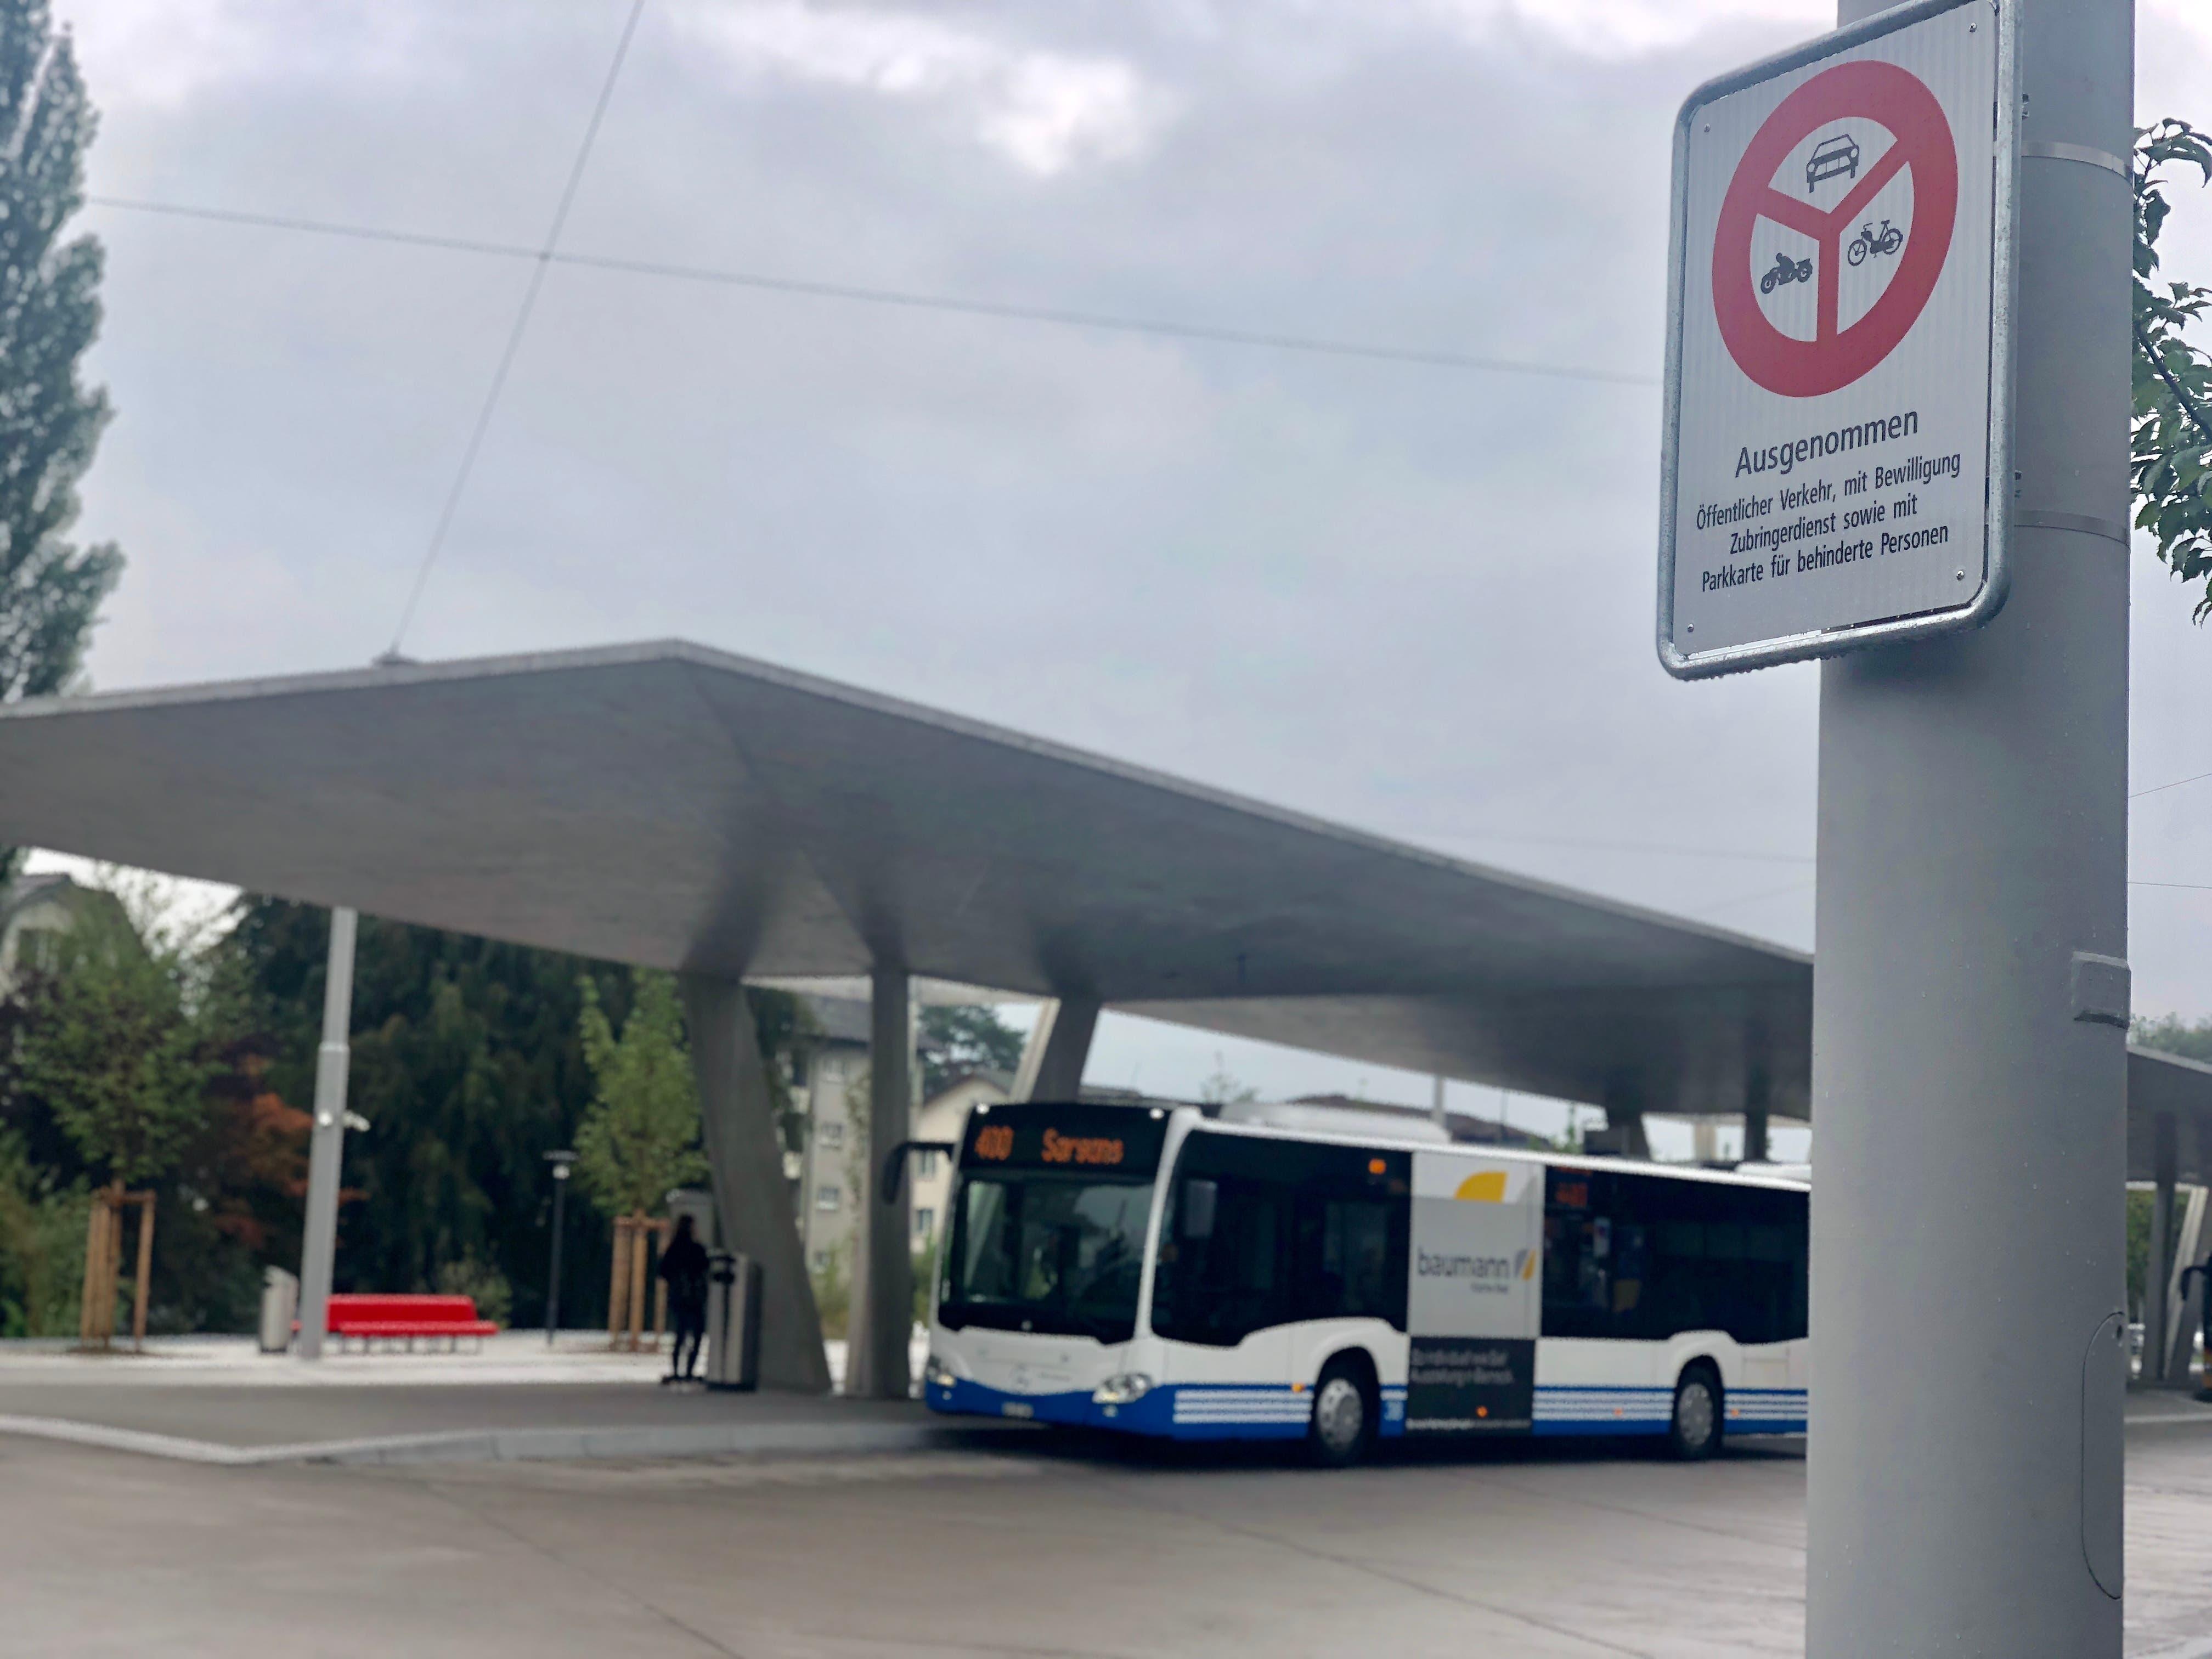 Zugang hat nur der Öffentliche Verkehr, Fahrzeuge mit Bewilligung, Zubringerdienst sowie Fahrzeuge mit Parkkarte für behinderte Personen. (Bild: Jessica Nigg)